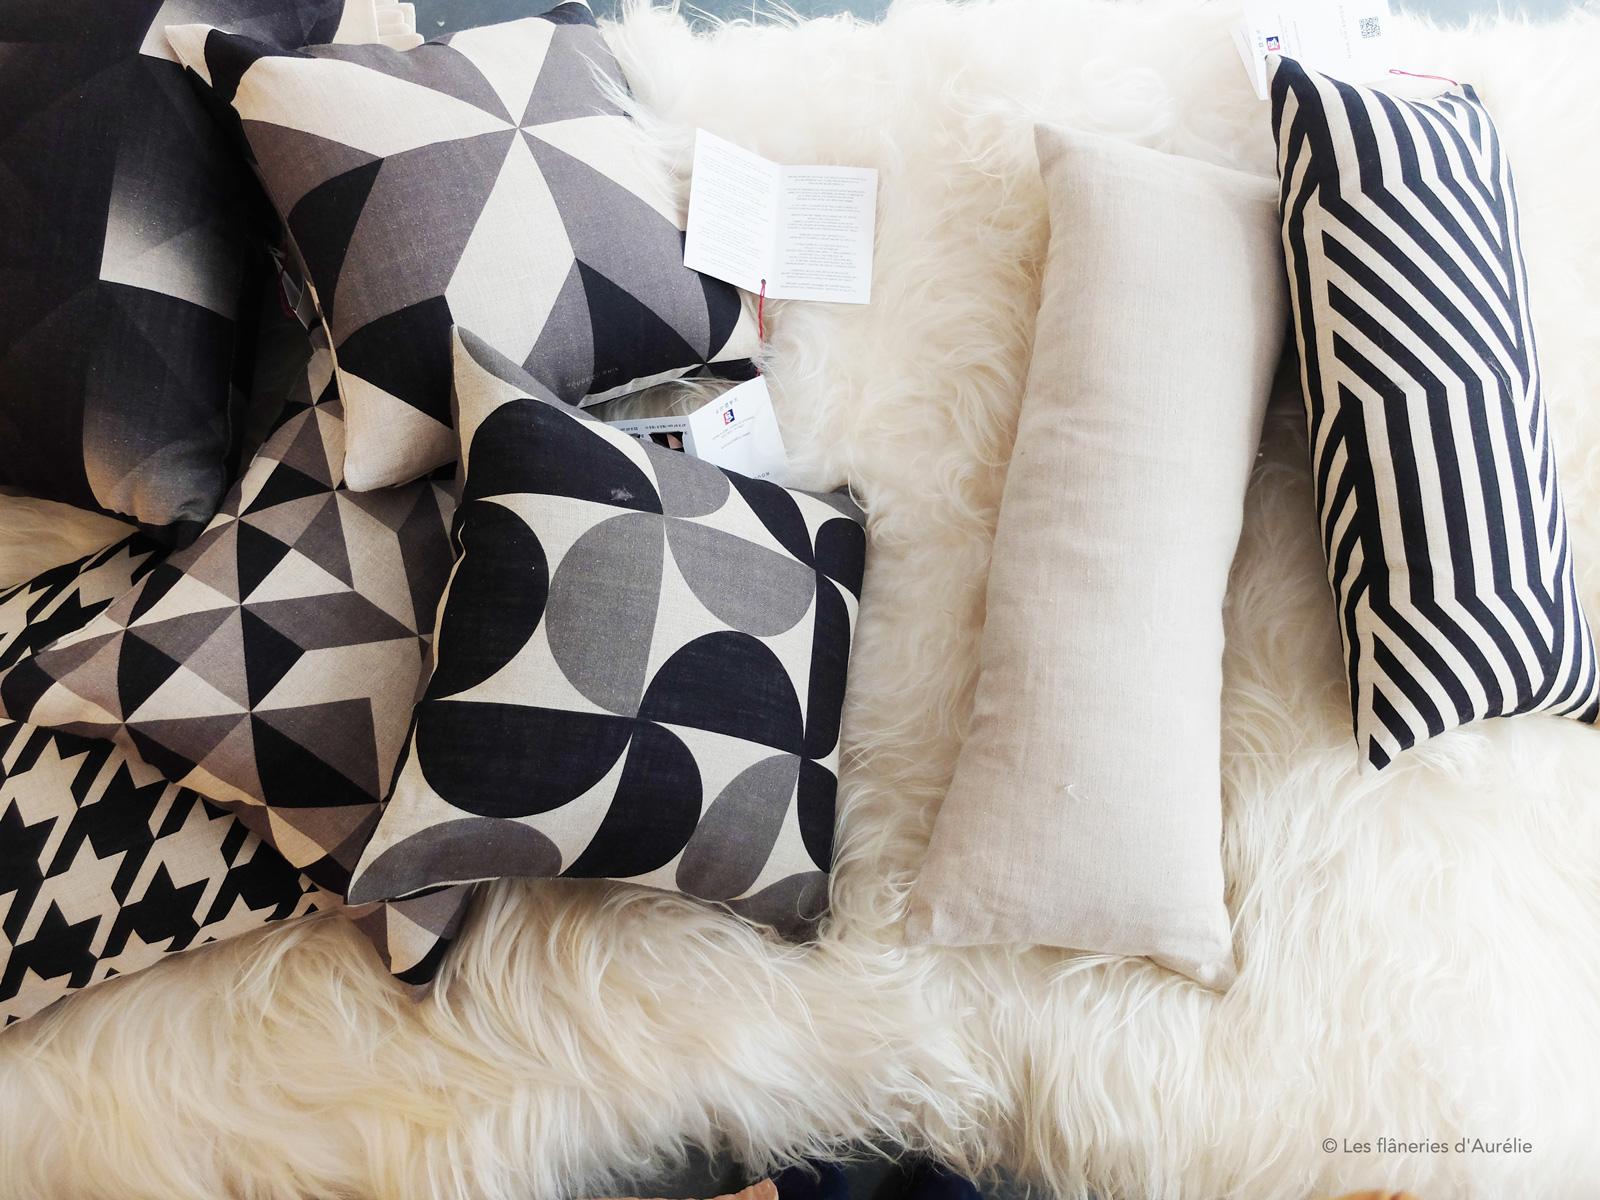 blogdscf6646. Black Bedroom Furniture Sets. Home Design Ideas